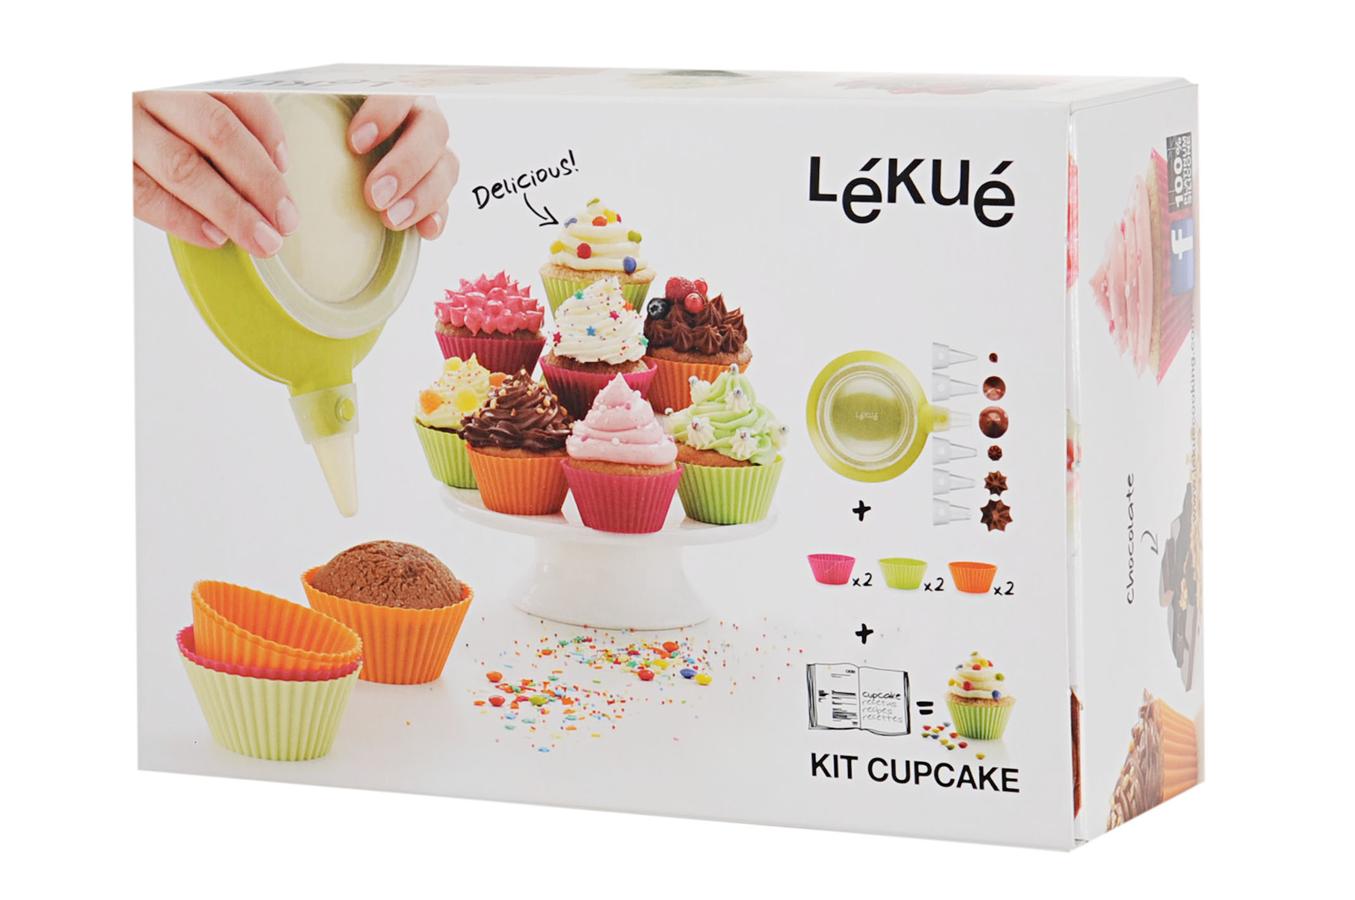 Coffret cuisine lekue coffret cupcake 3000004surm017 - Coffret livre de cuisine ...